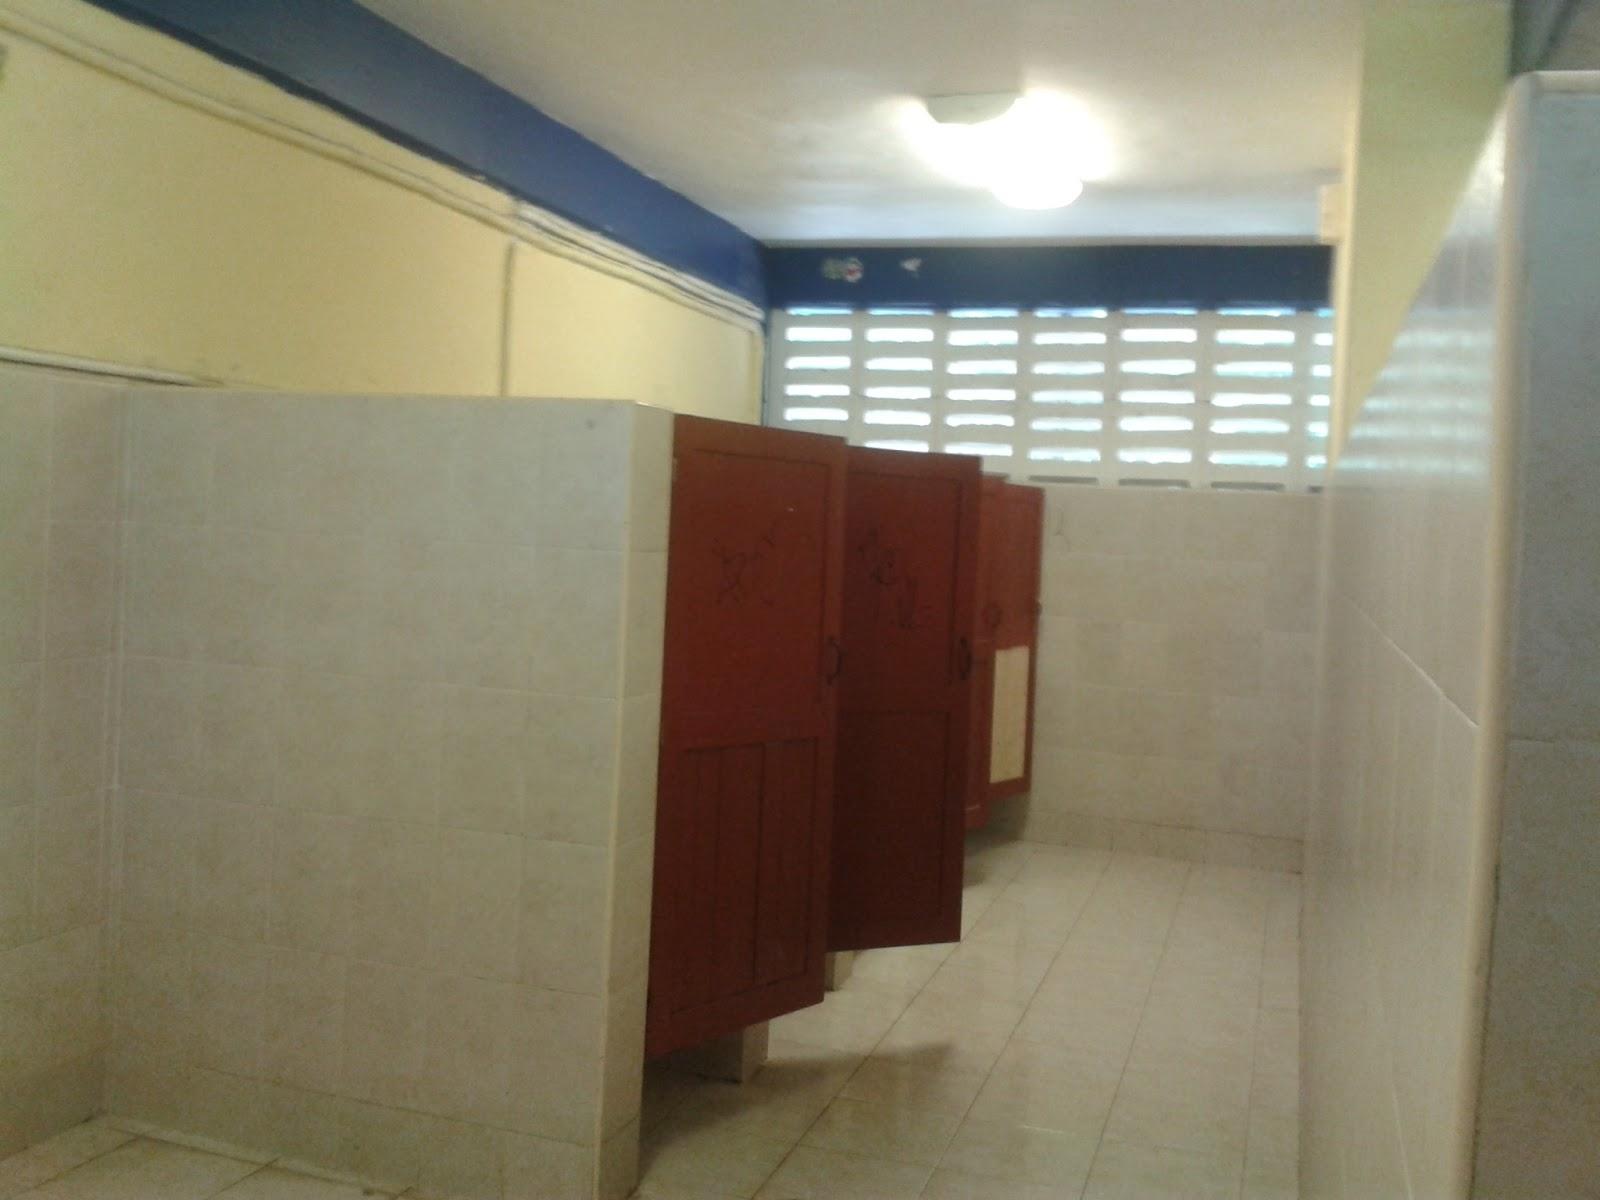 Imagenes De Un Baño Sucio:Aquí imágenes nuestros baños limpios